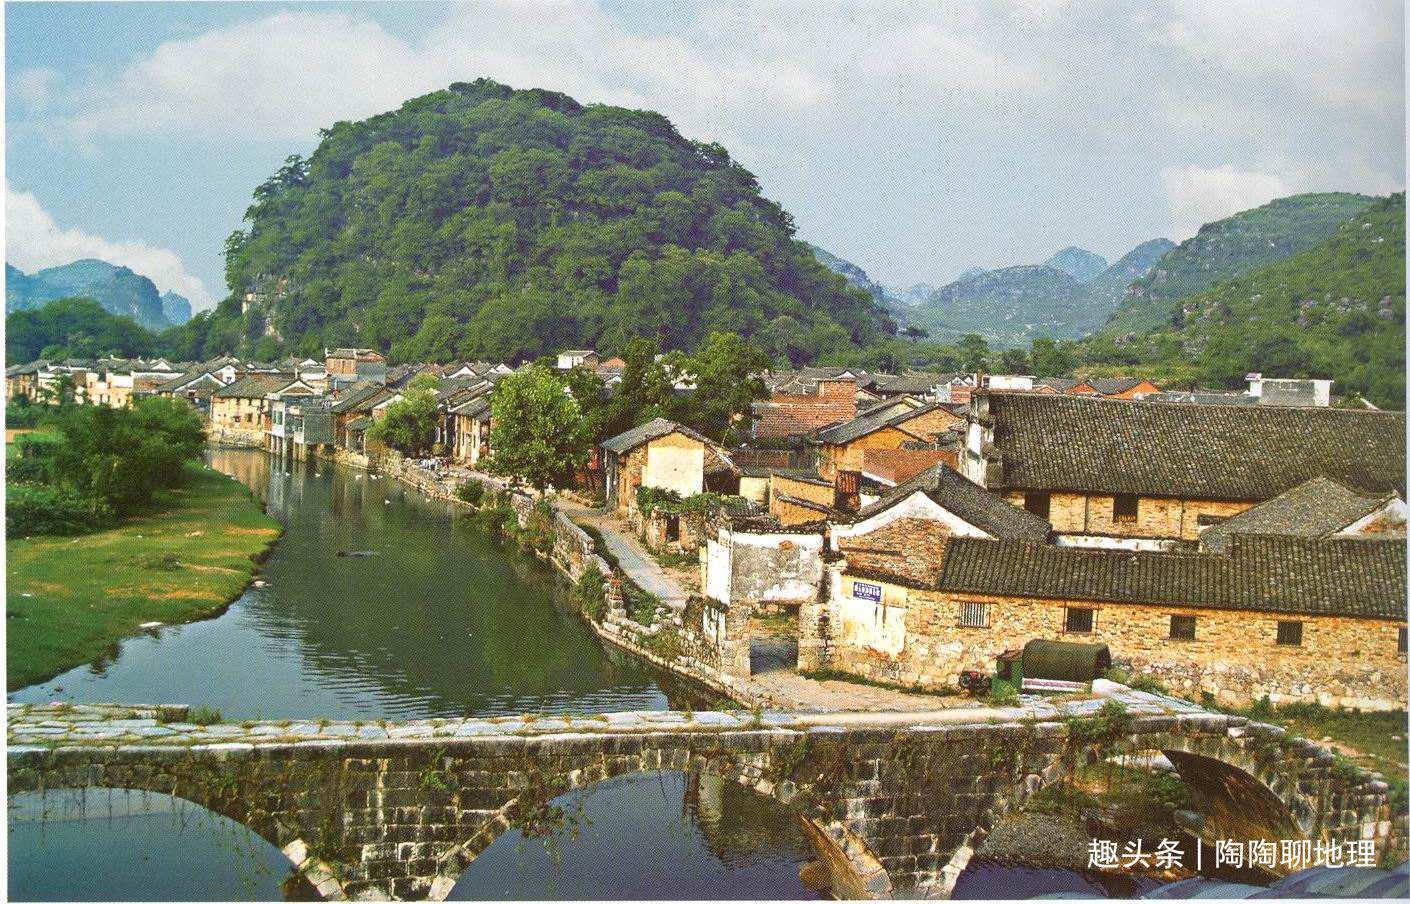 湖南永州市有一个县,拥有1段仅2公里长的铁路,并设置了火车站